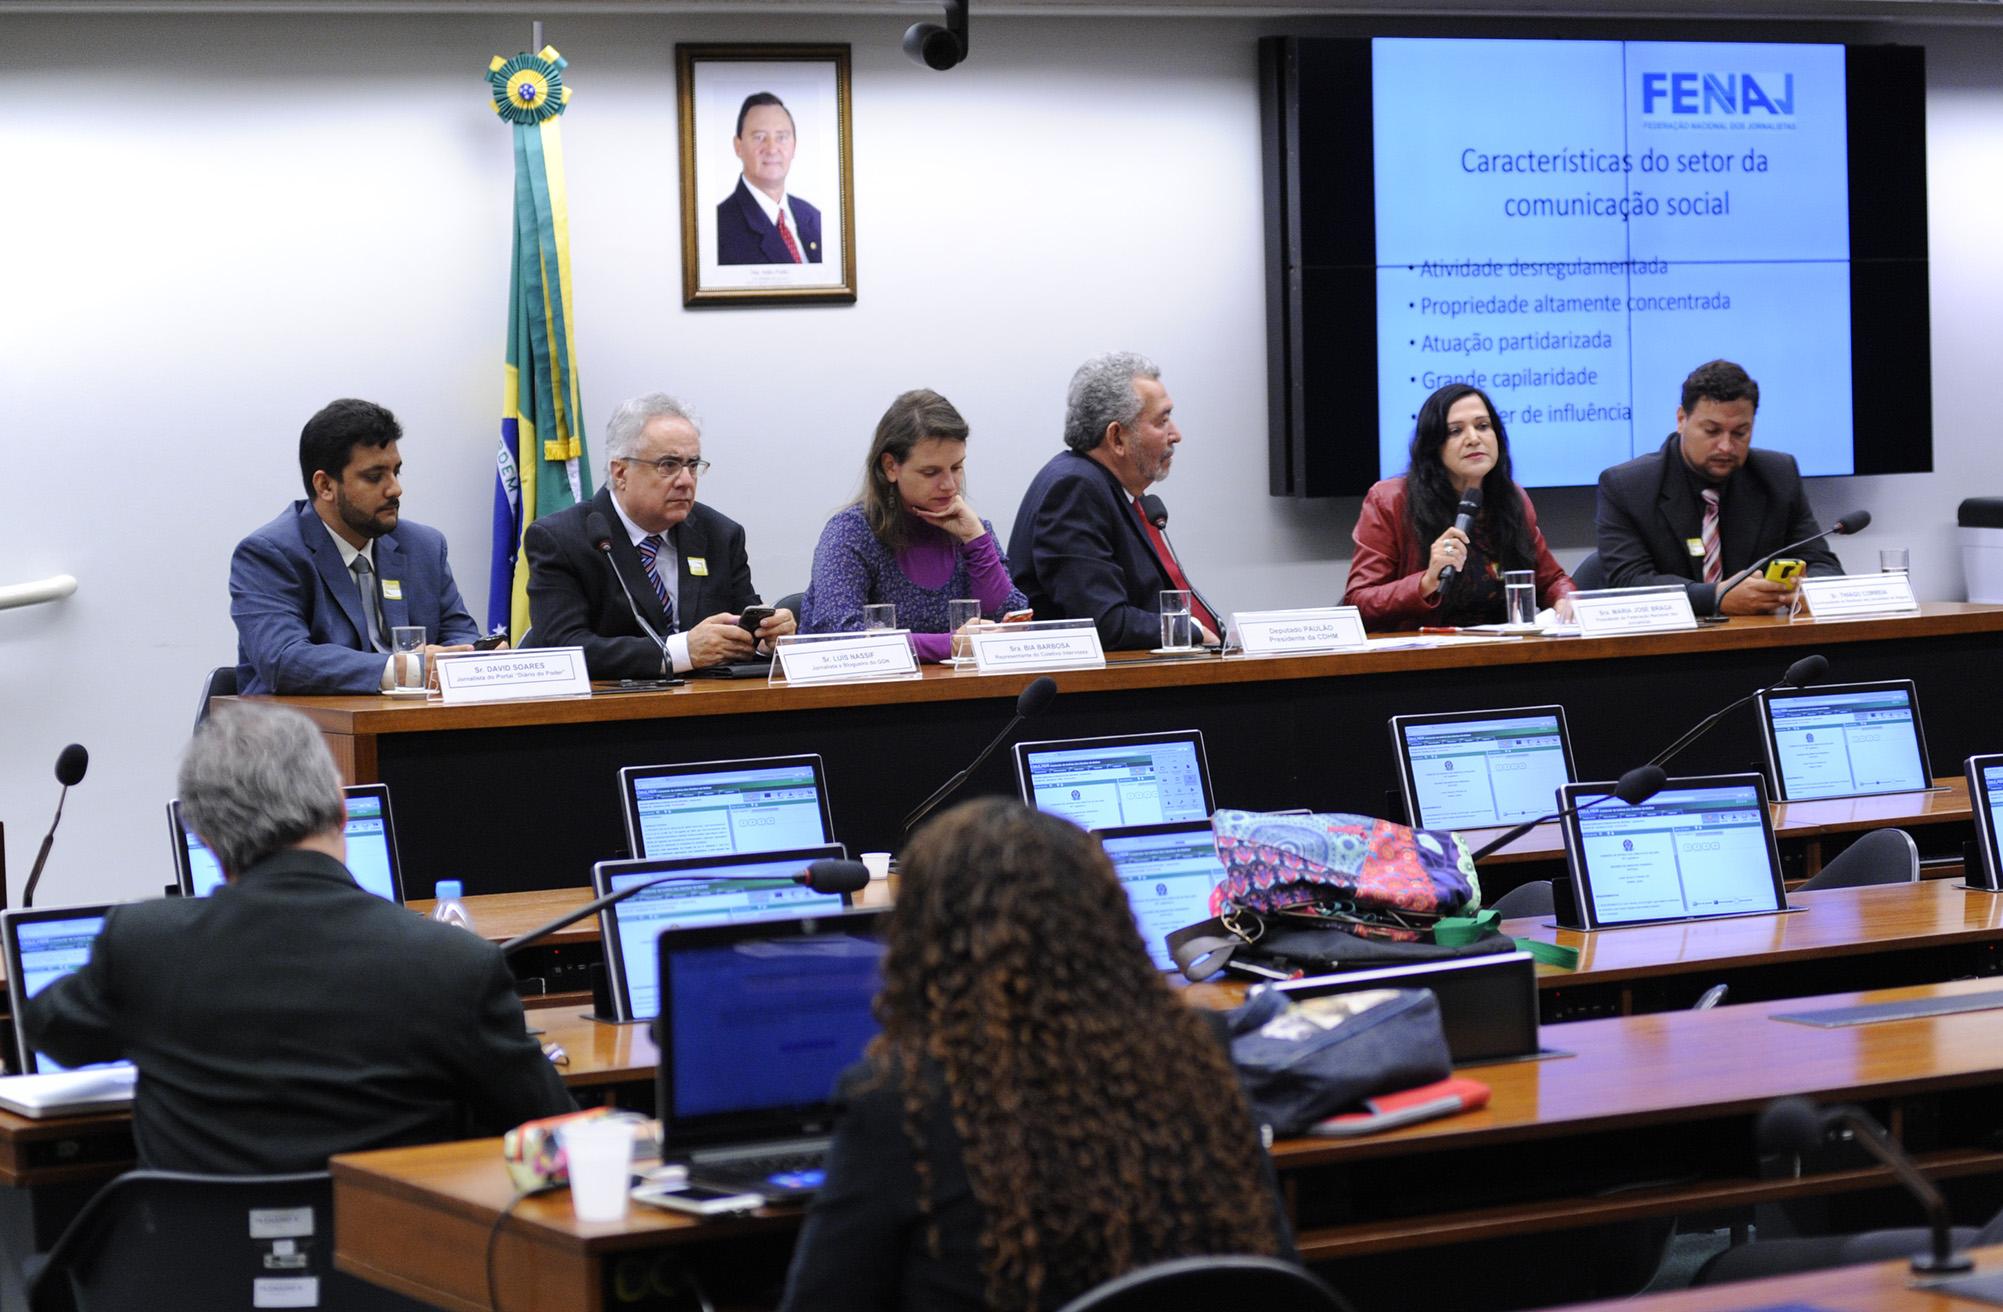 Audiência pública sobre a situação do exercício do jornalismo e as perspectivas do direito à livre comunicação e expressão no País